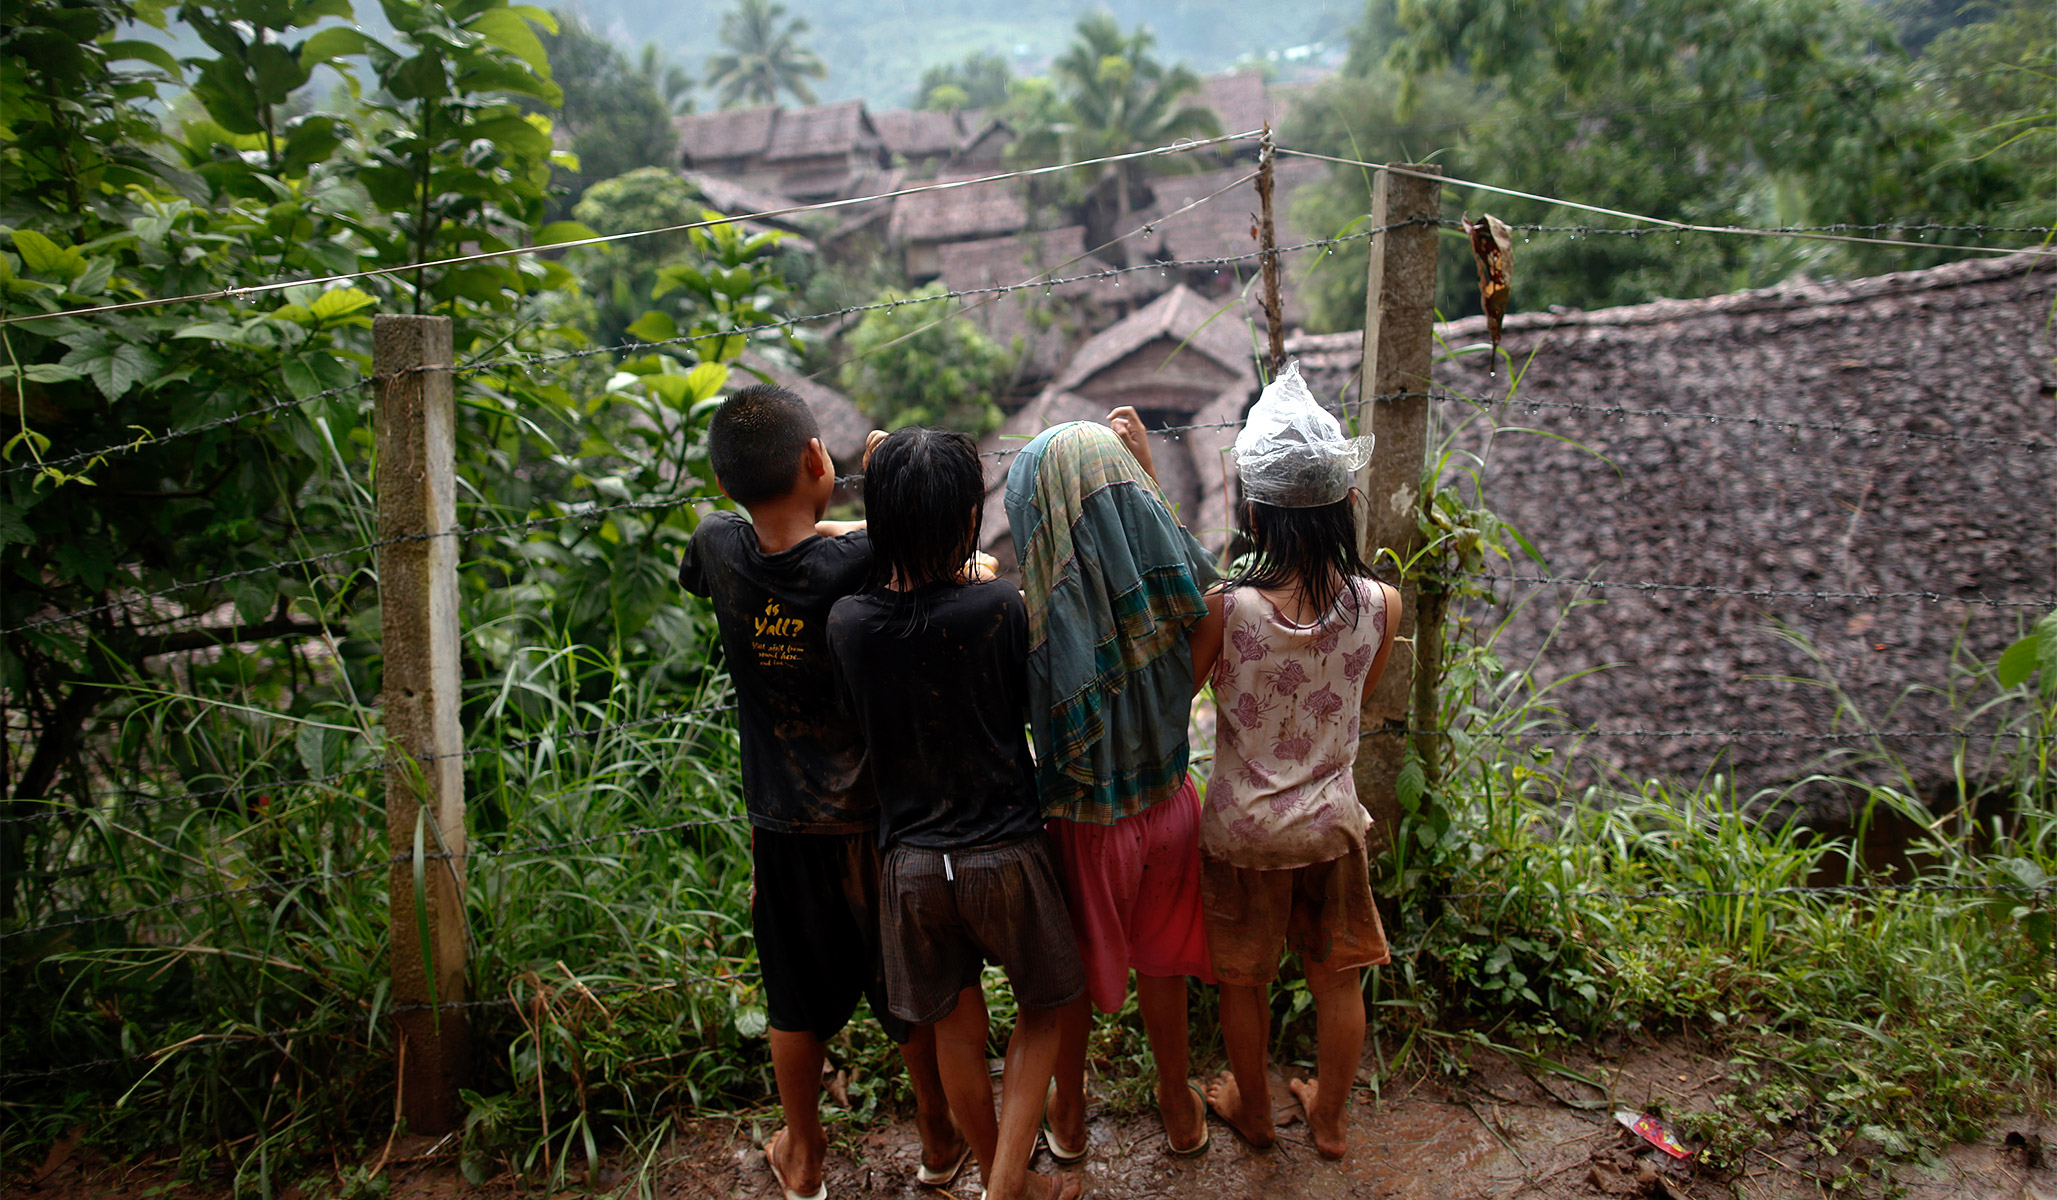 A prosperous village in Burma